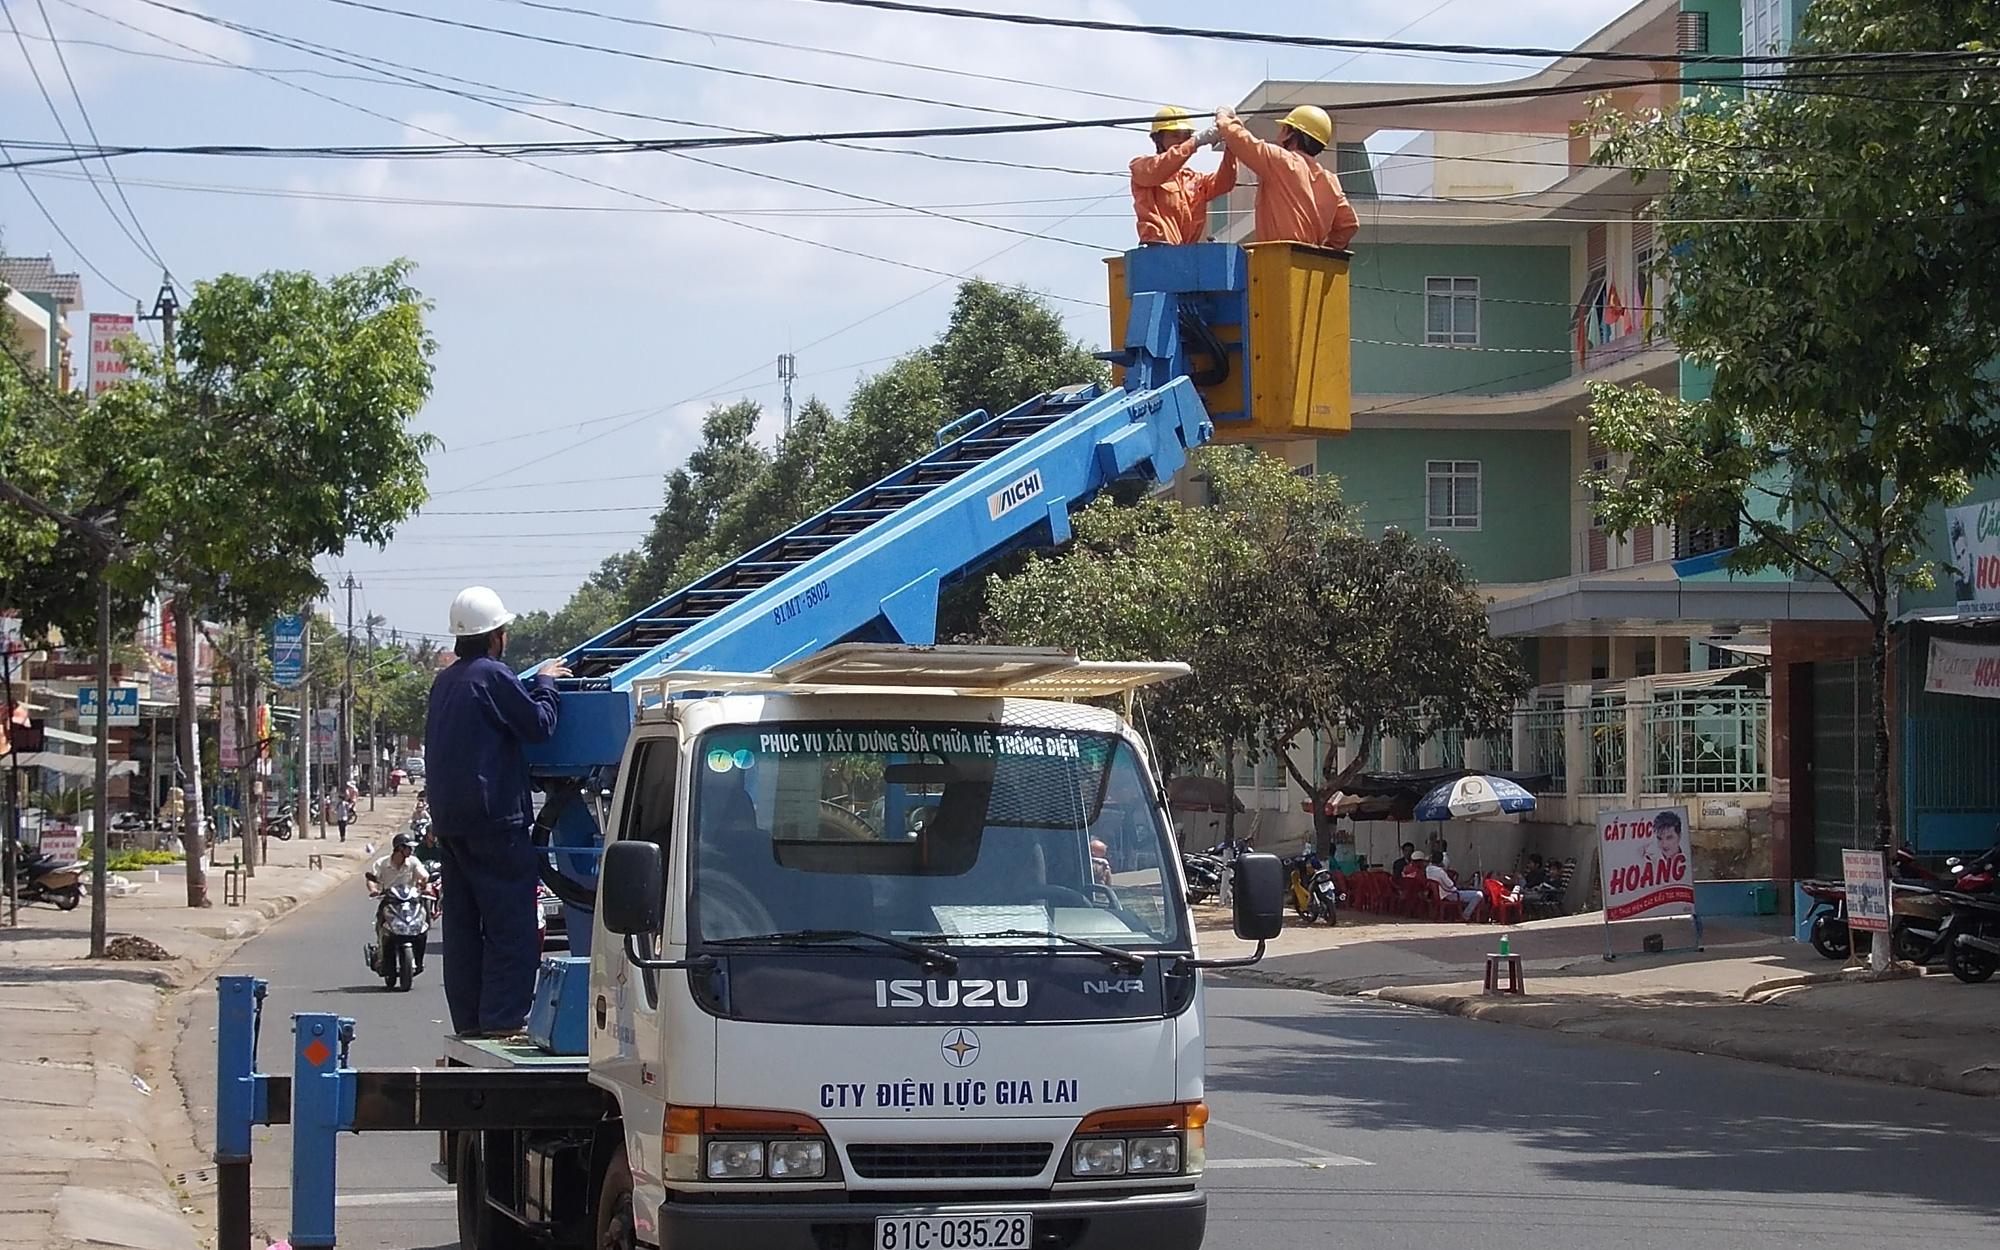 PC Gia Lai: Đầu tư hơn 126 tỷ đồng sửa chữa, nâng cấp hệ thống lưới điện